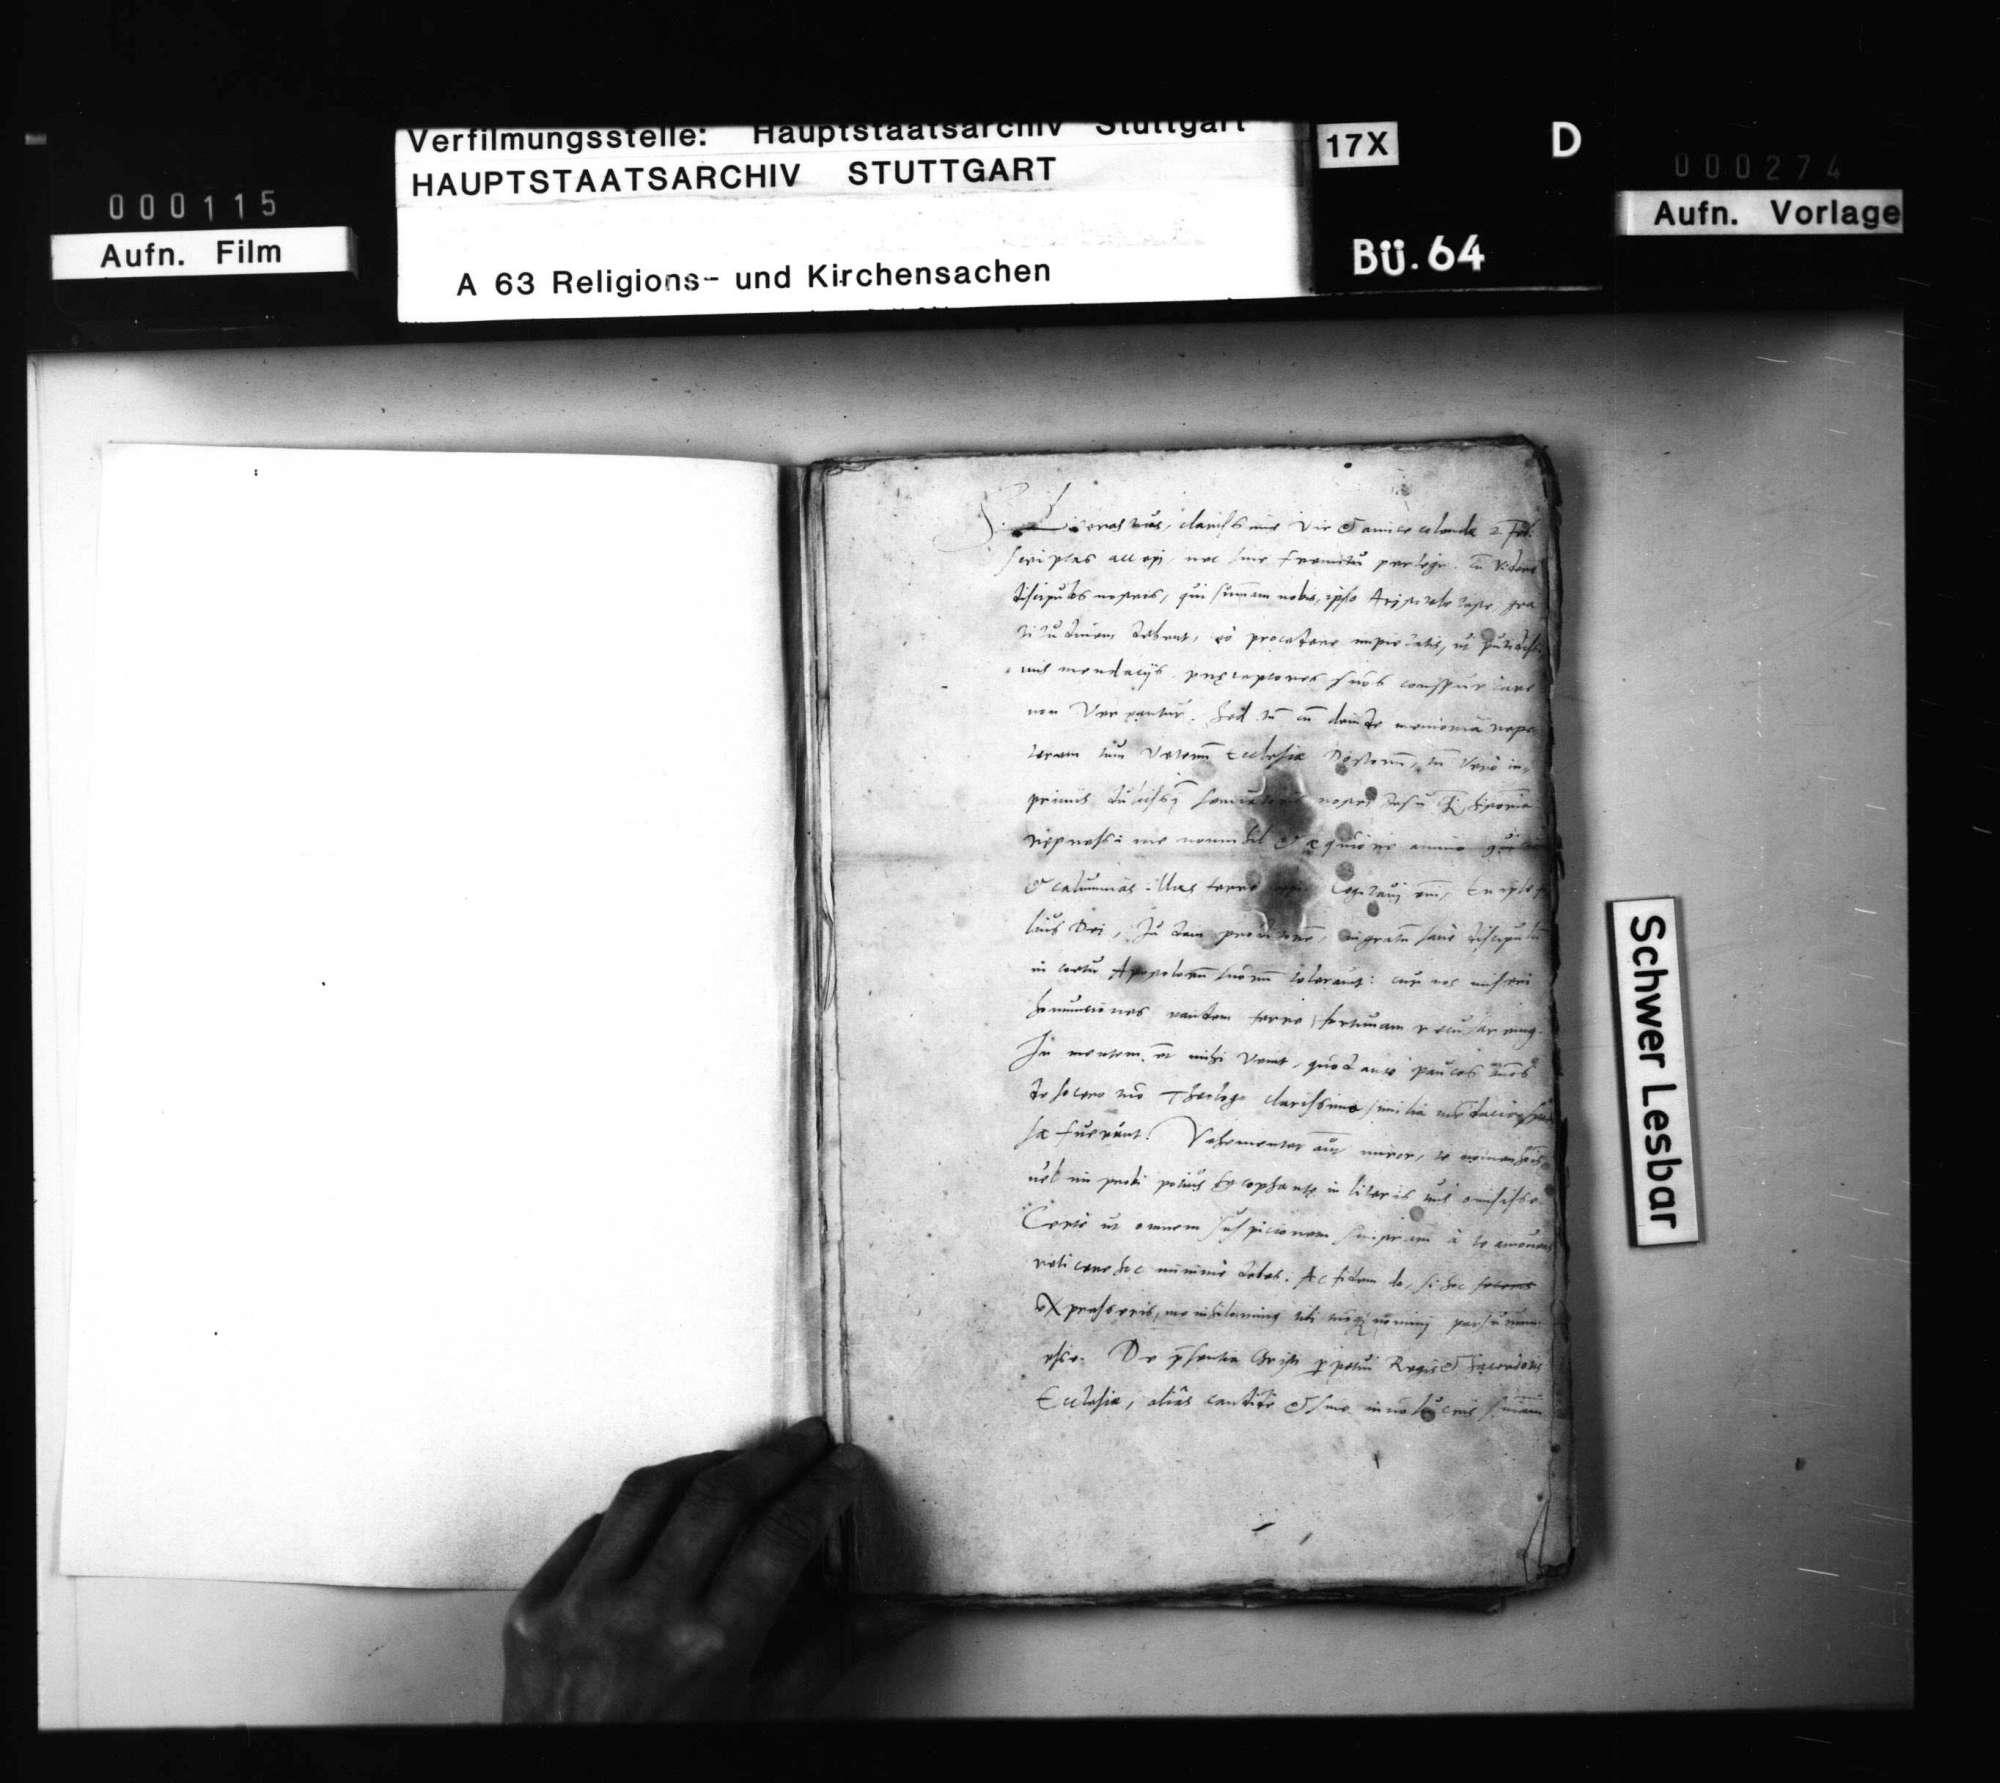 Schriften, des Chyträus in Rostock und seiner Freunde Beziehungen zu den württembergischen Theologen betreffend., Bild 2